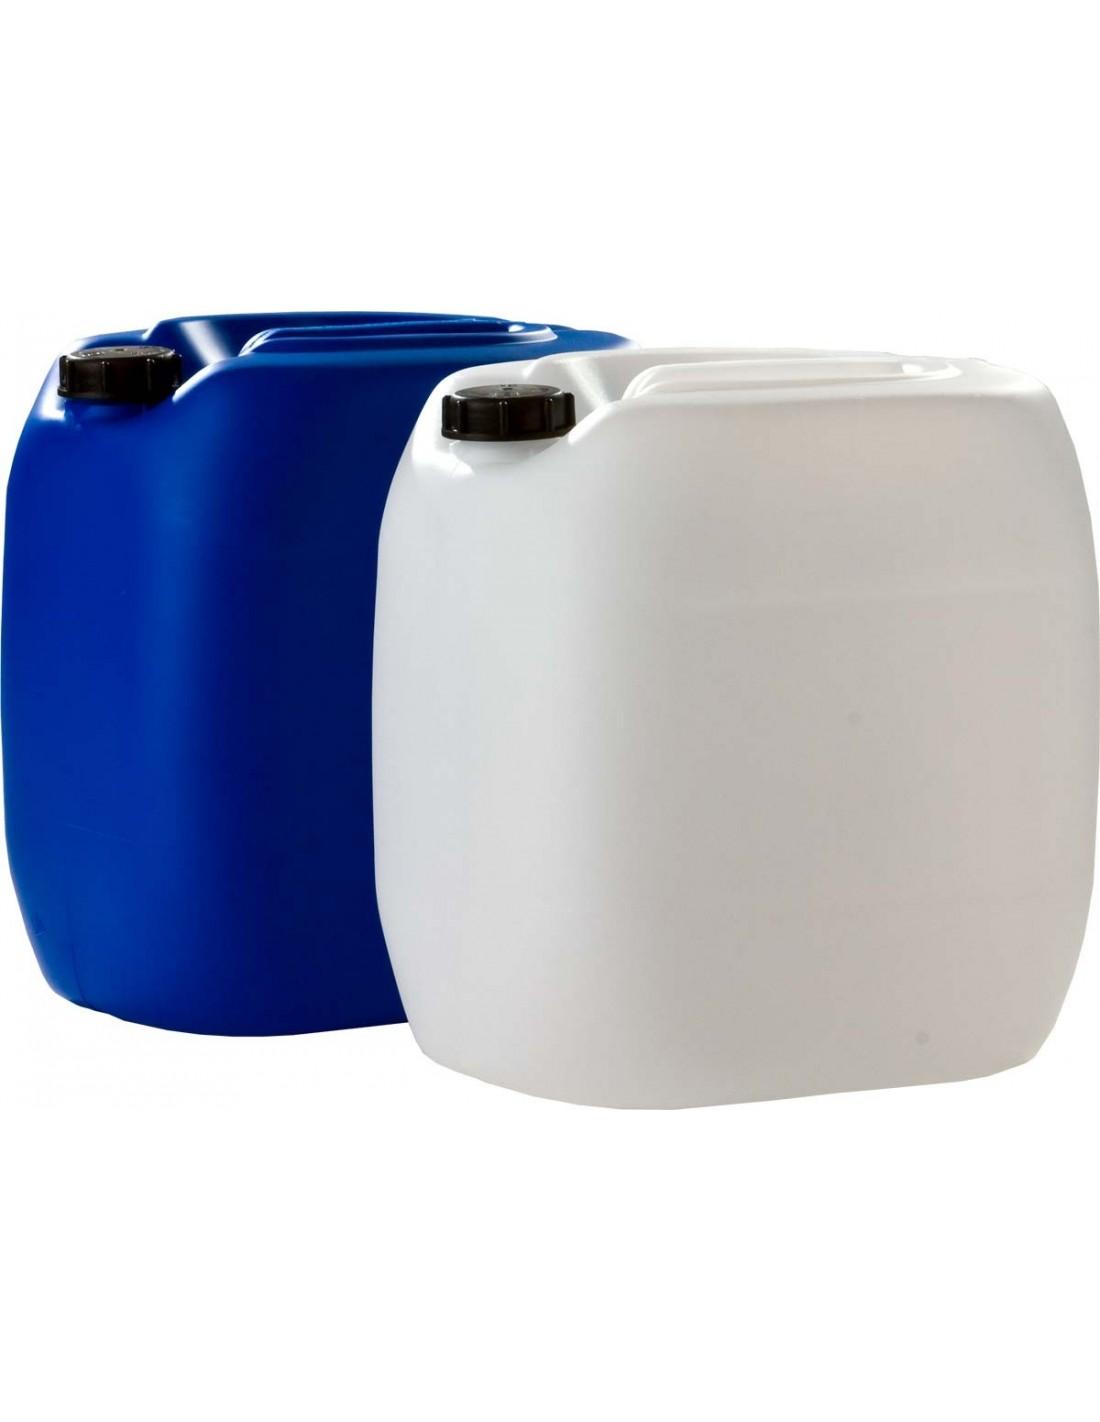 30 Liter Kanister 1150g, inkl. Schraubverschluss, UN-X